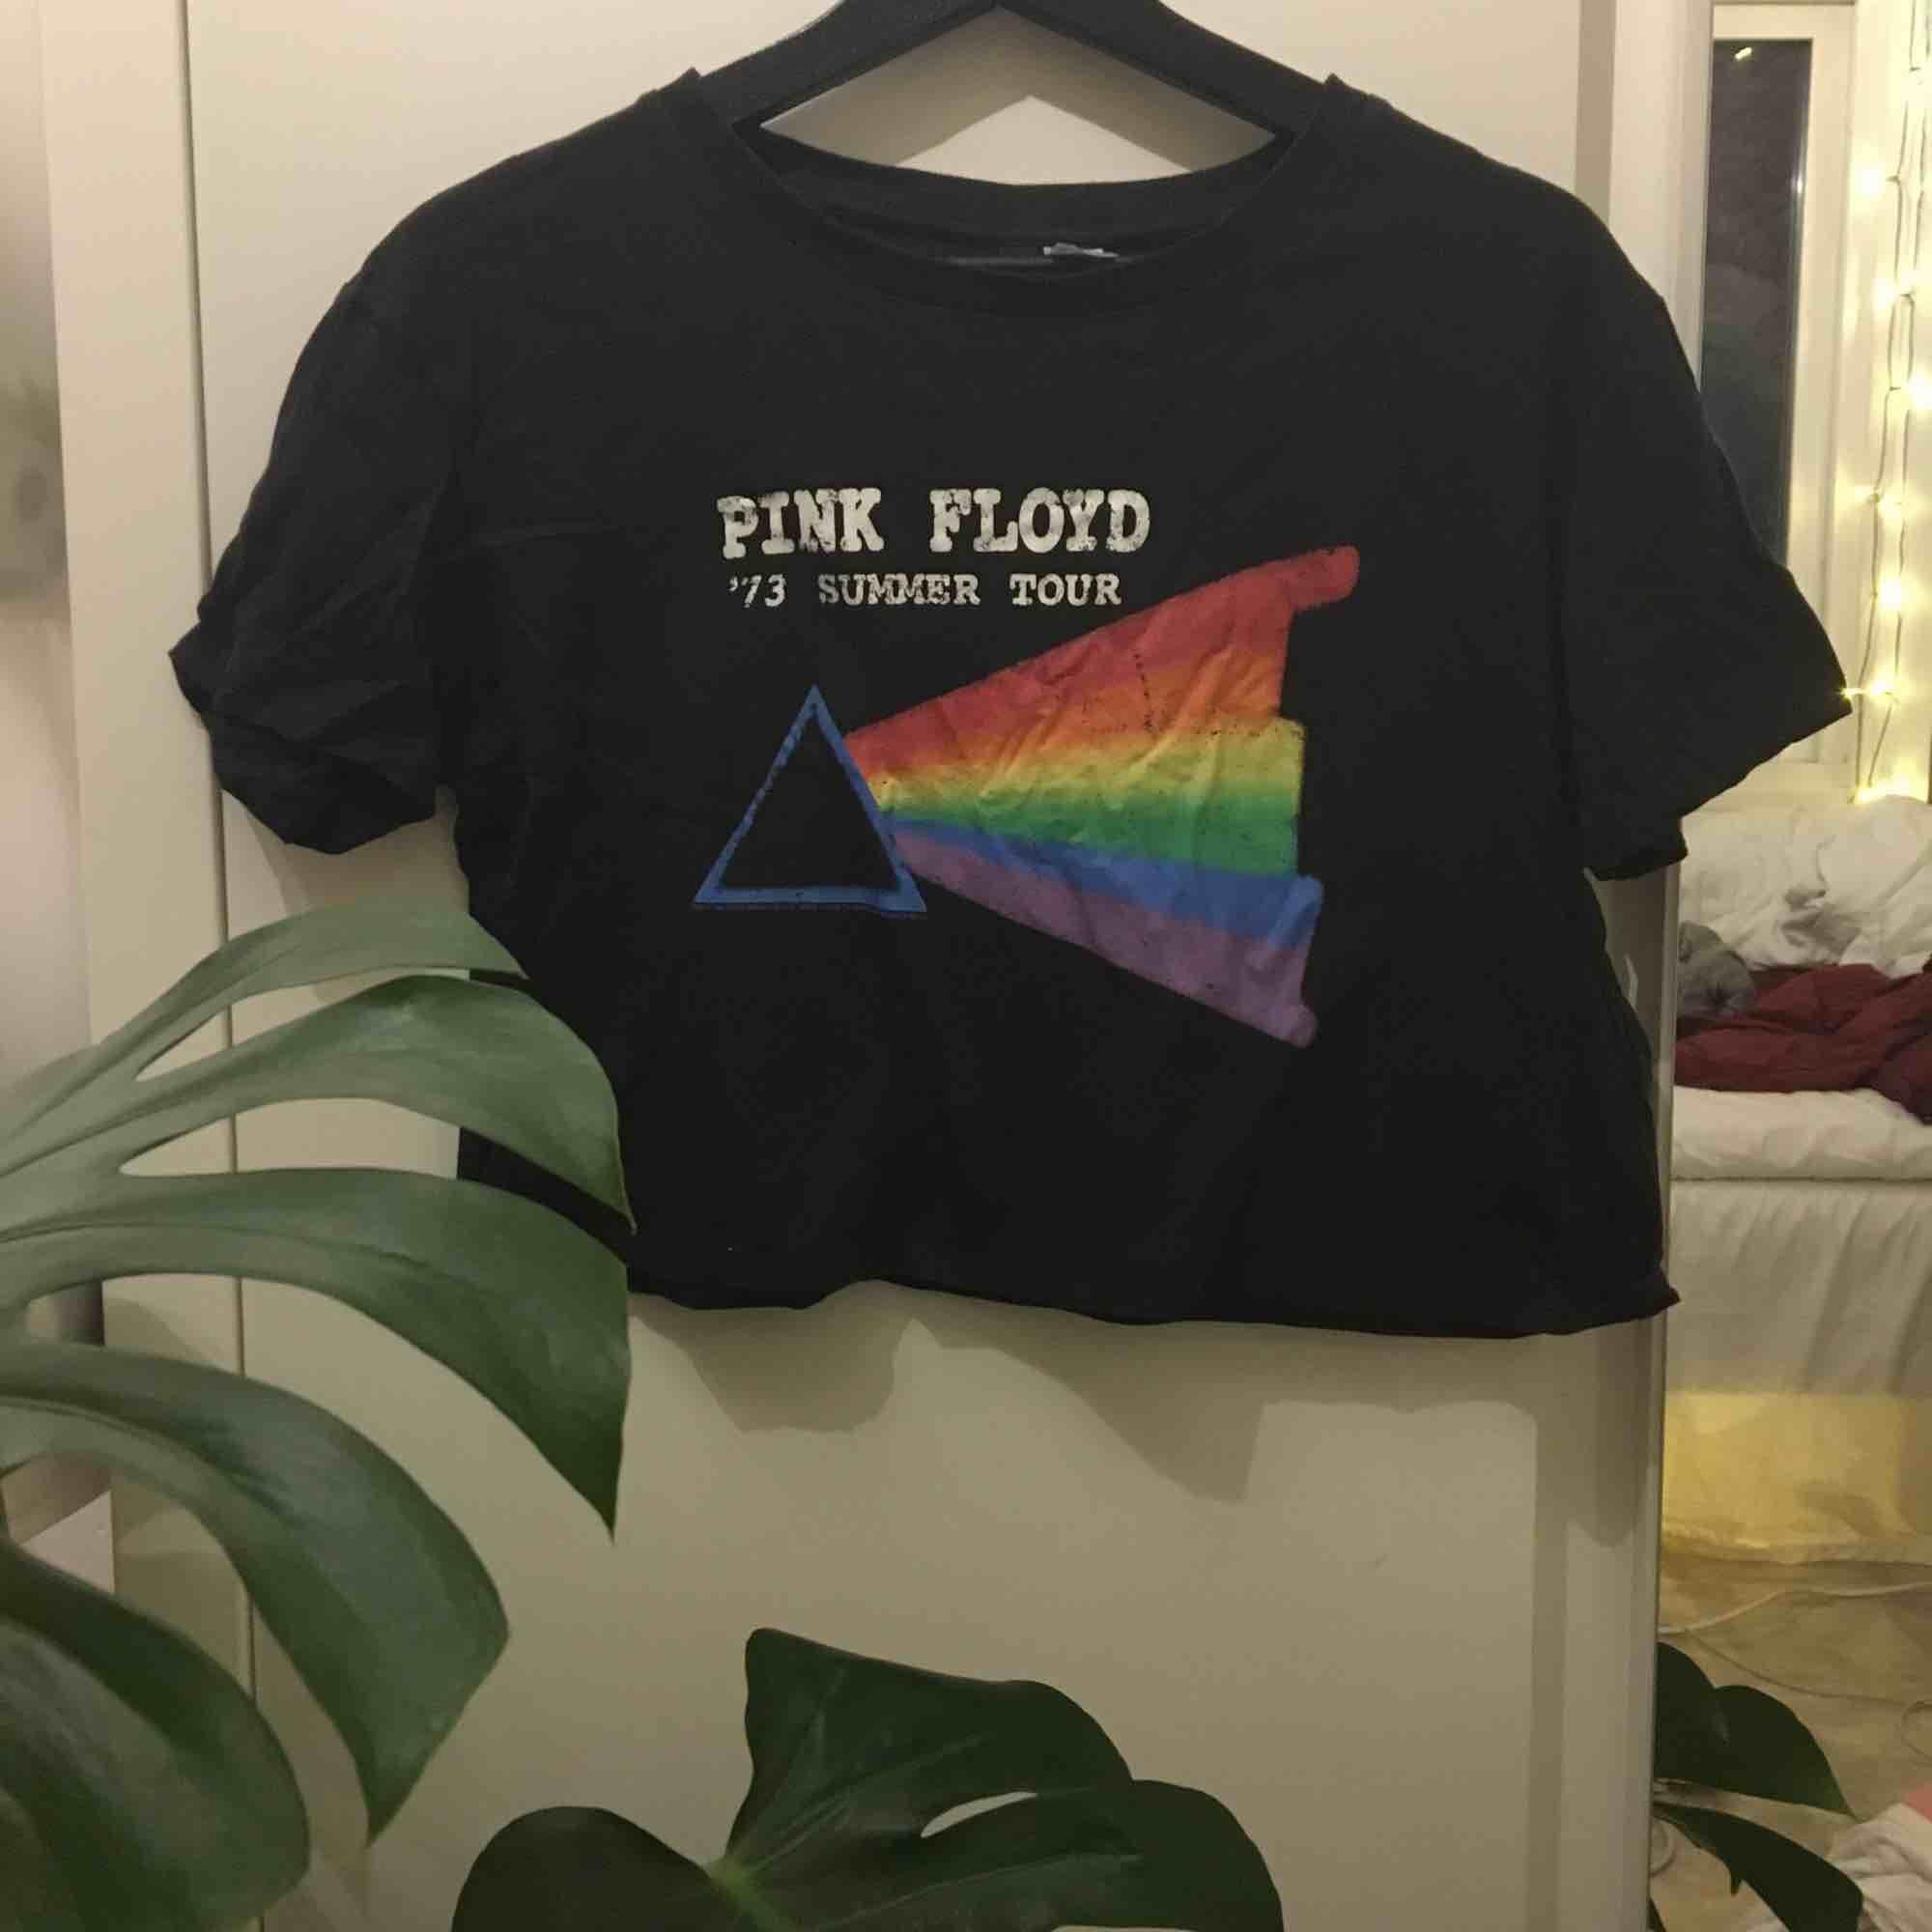 En sååå fin croppad tröja med pink Floyd på! Den passar till allt och den är cool till både fest och vardag!🖤 köpare står för frakt:36kr. Toppar.